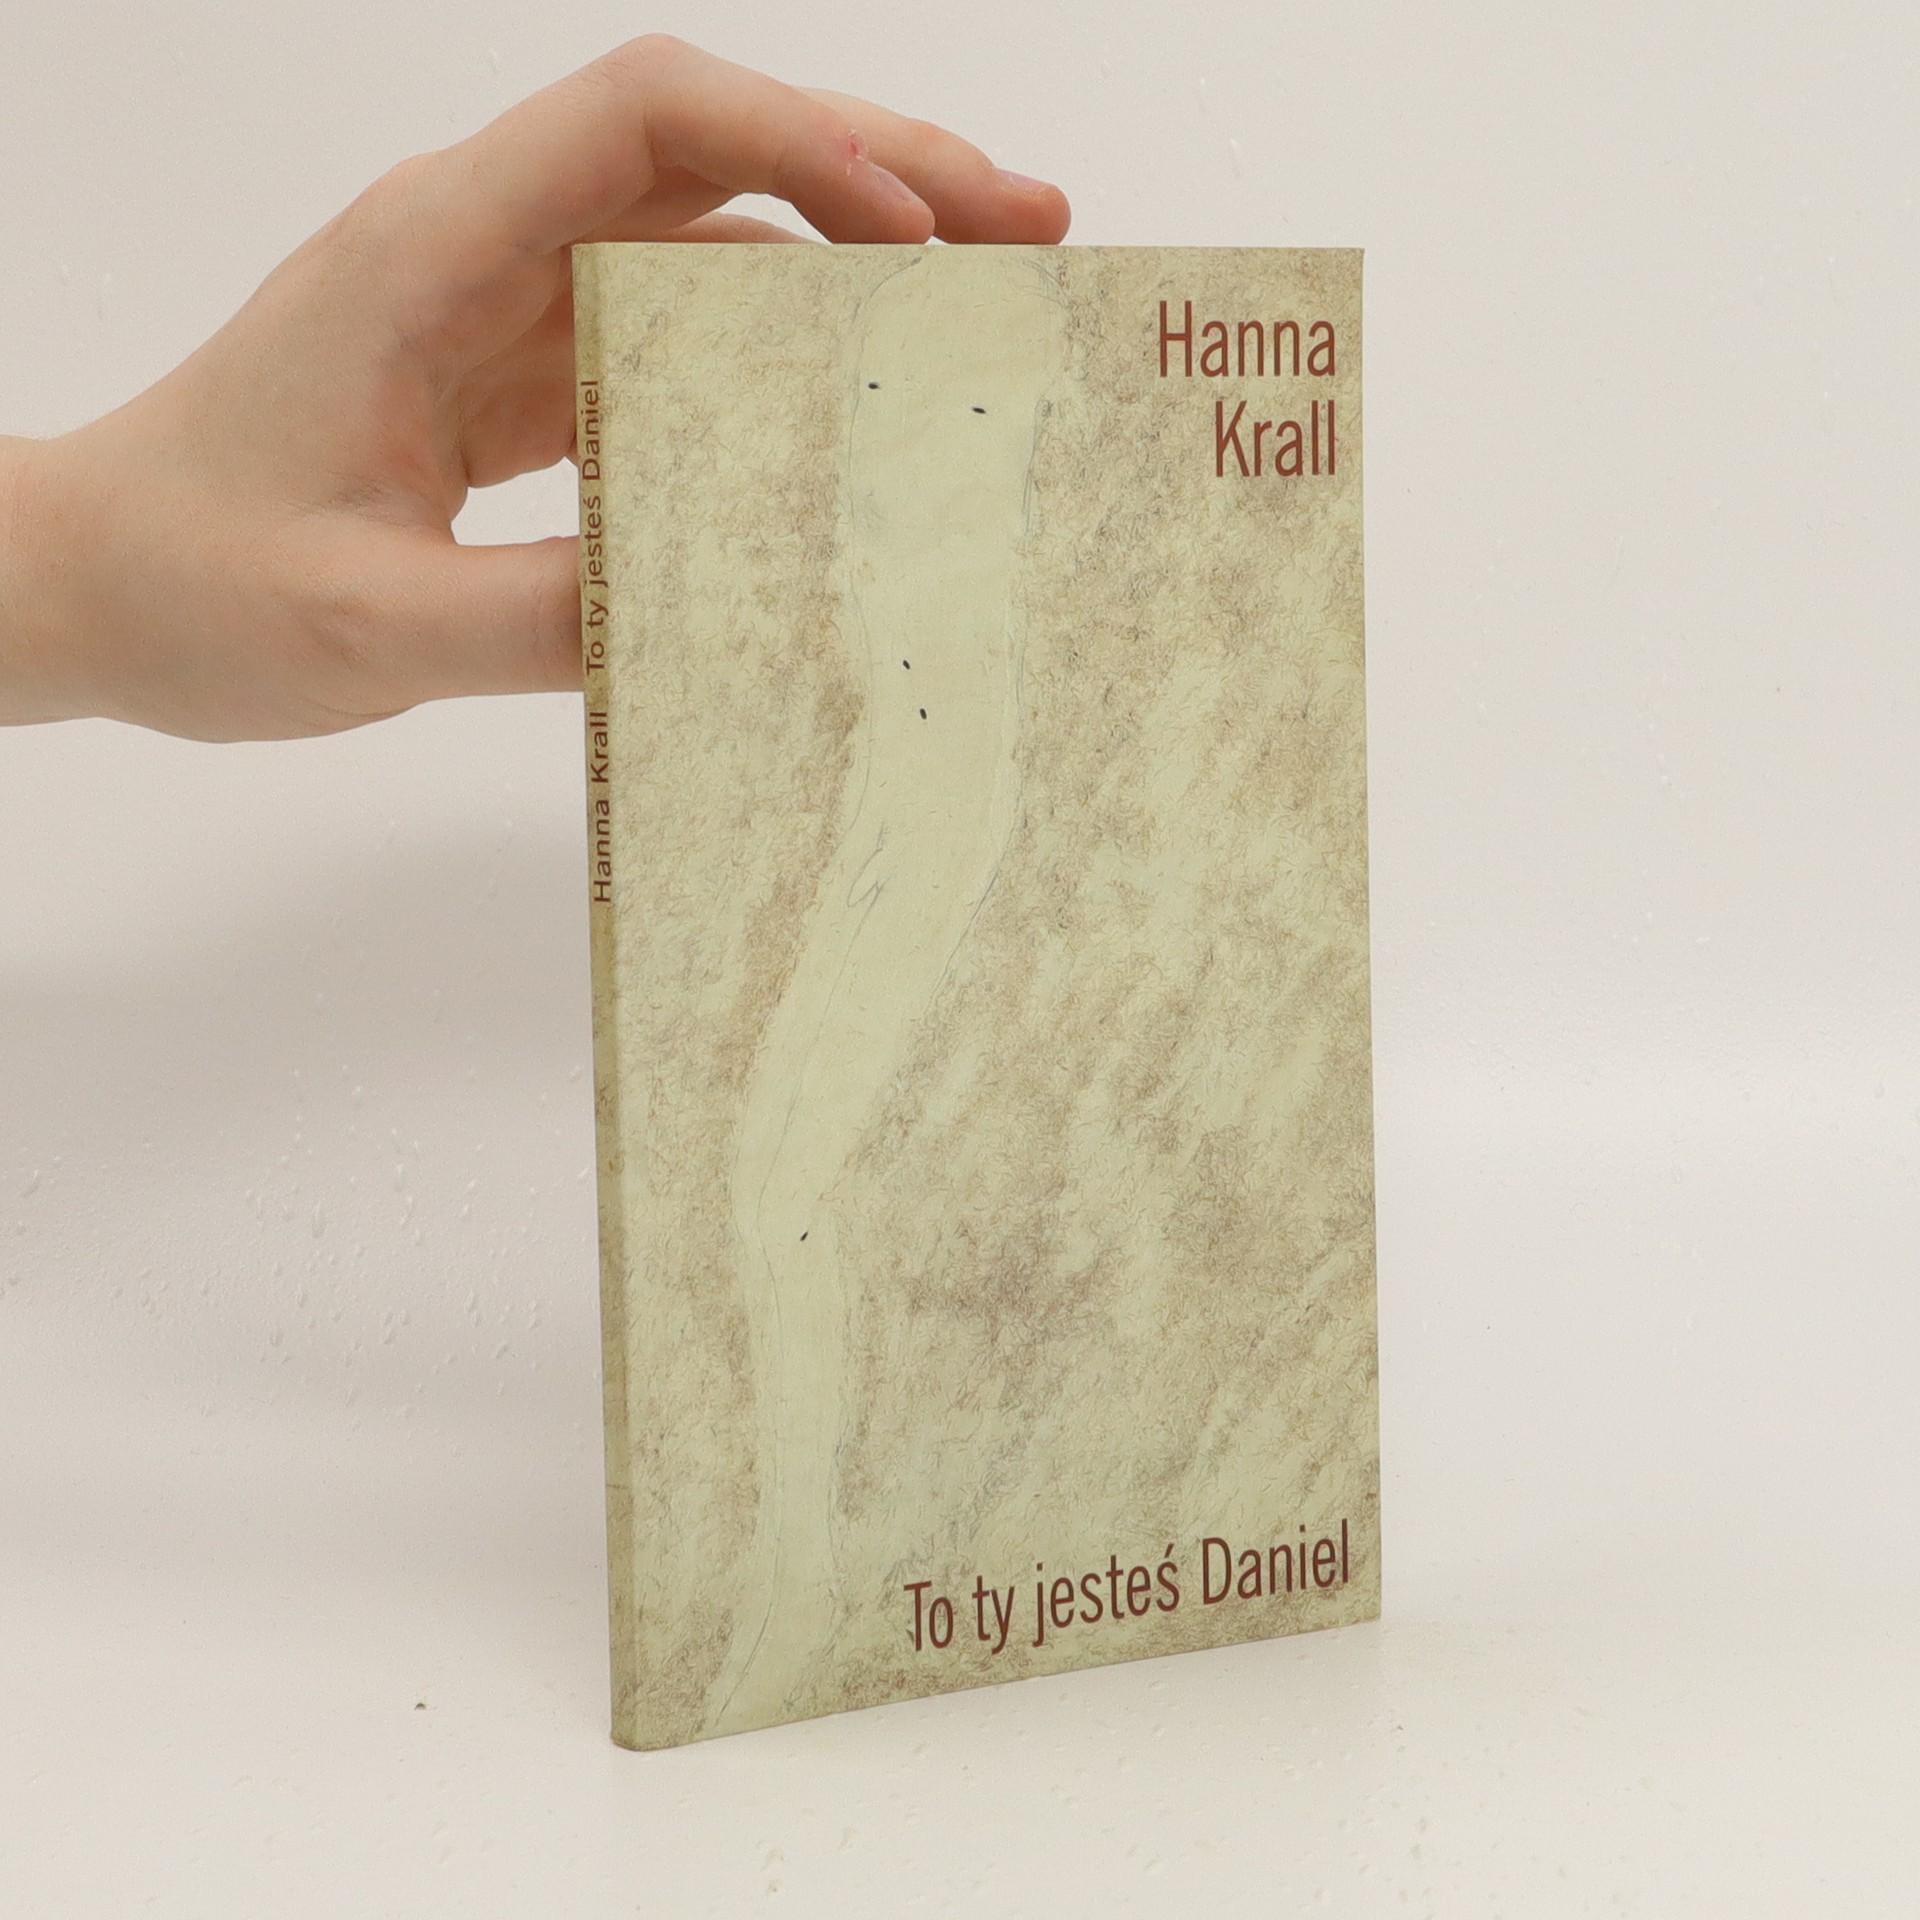 antikvární kniha To ty jesteś Daniel, 2001